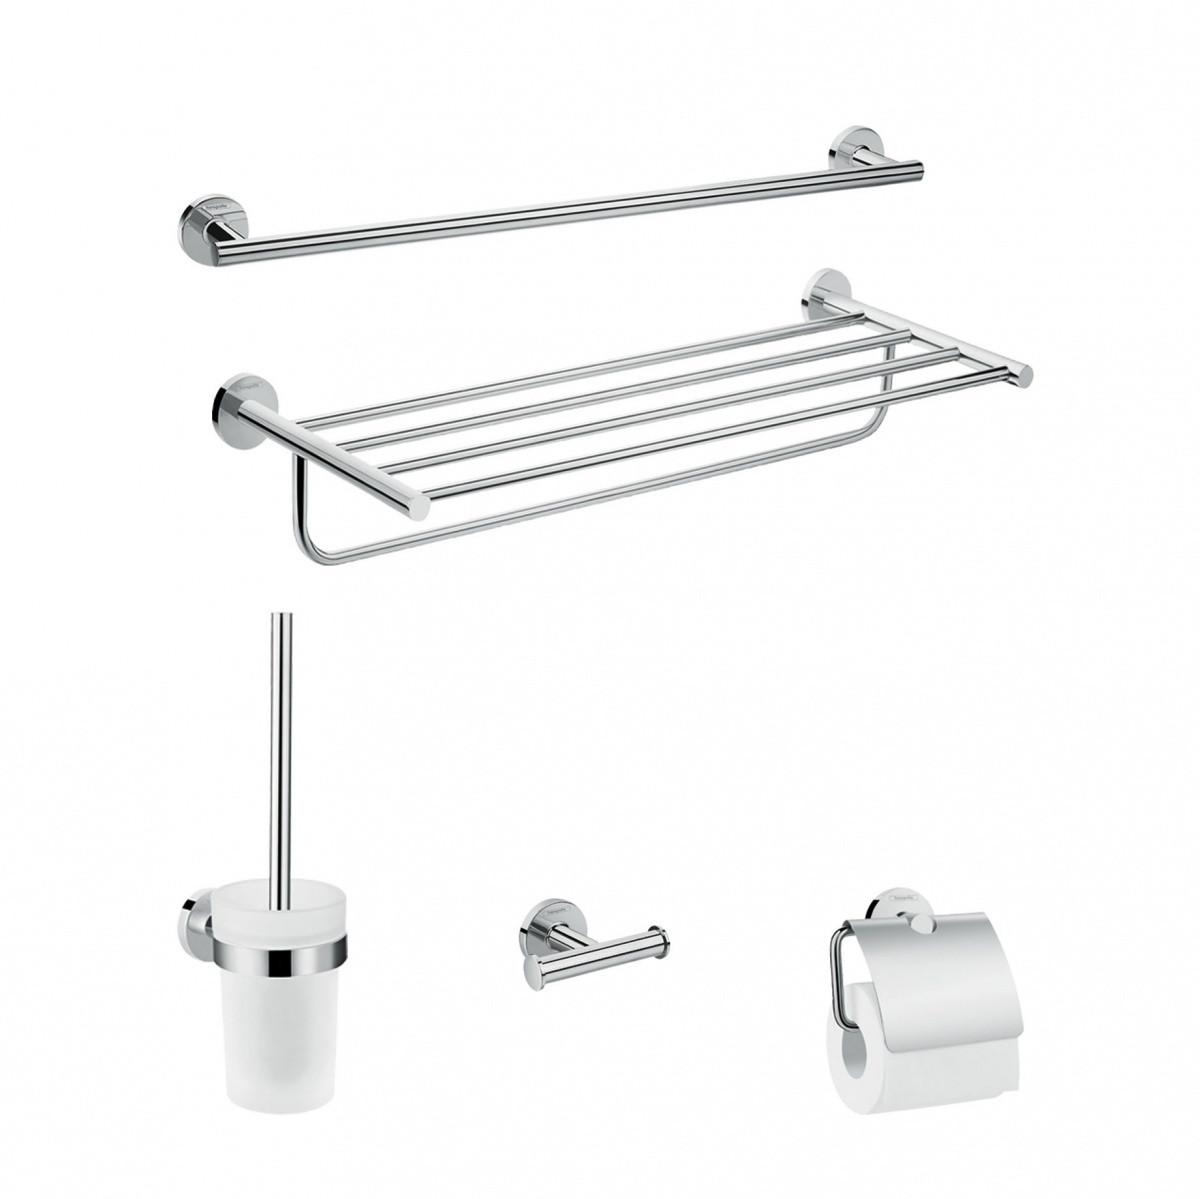 Аксессуар для ванной HansGrohe Logis Universal HG41728000 5 предметов